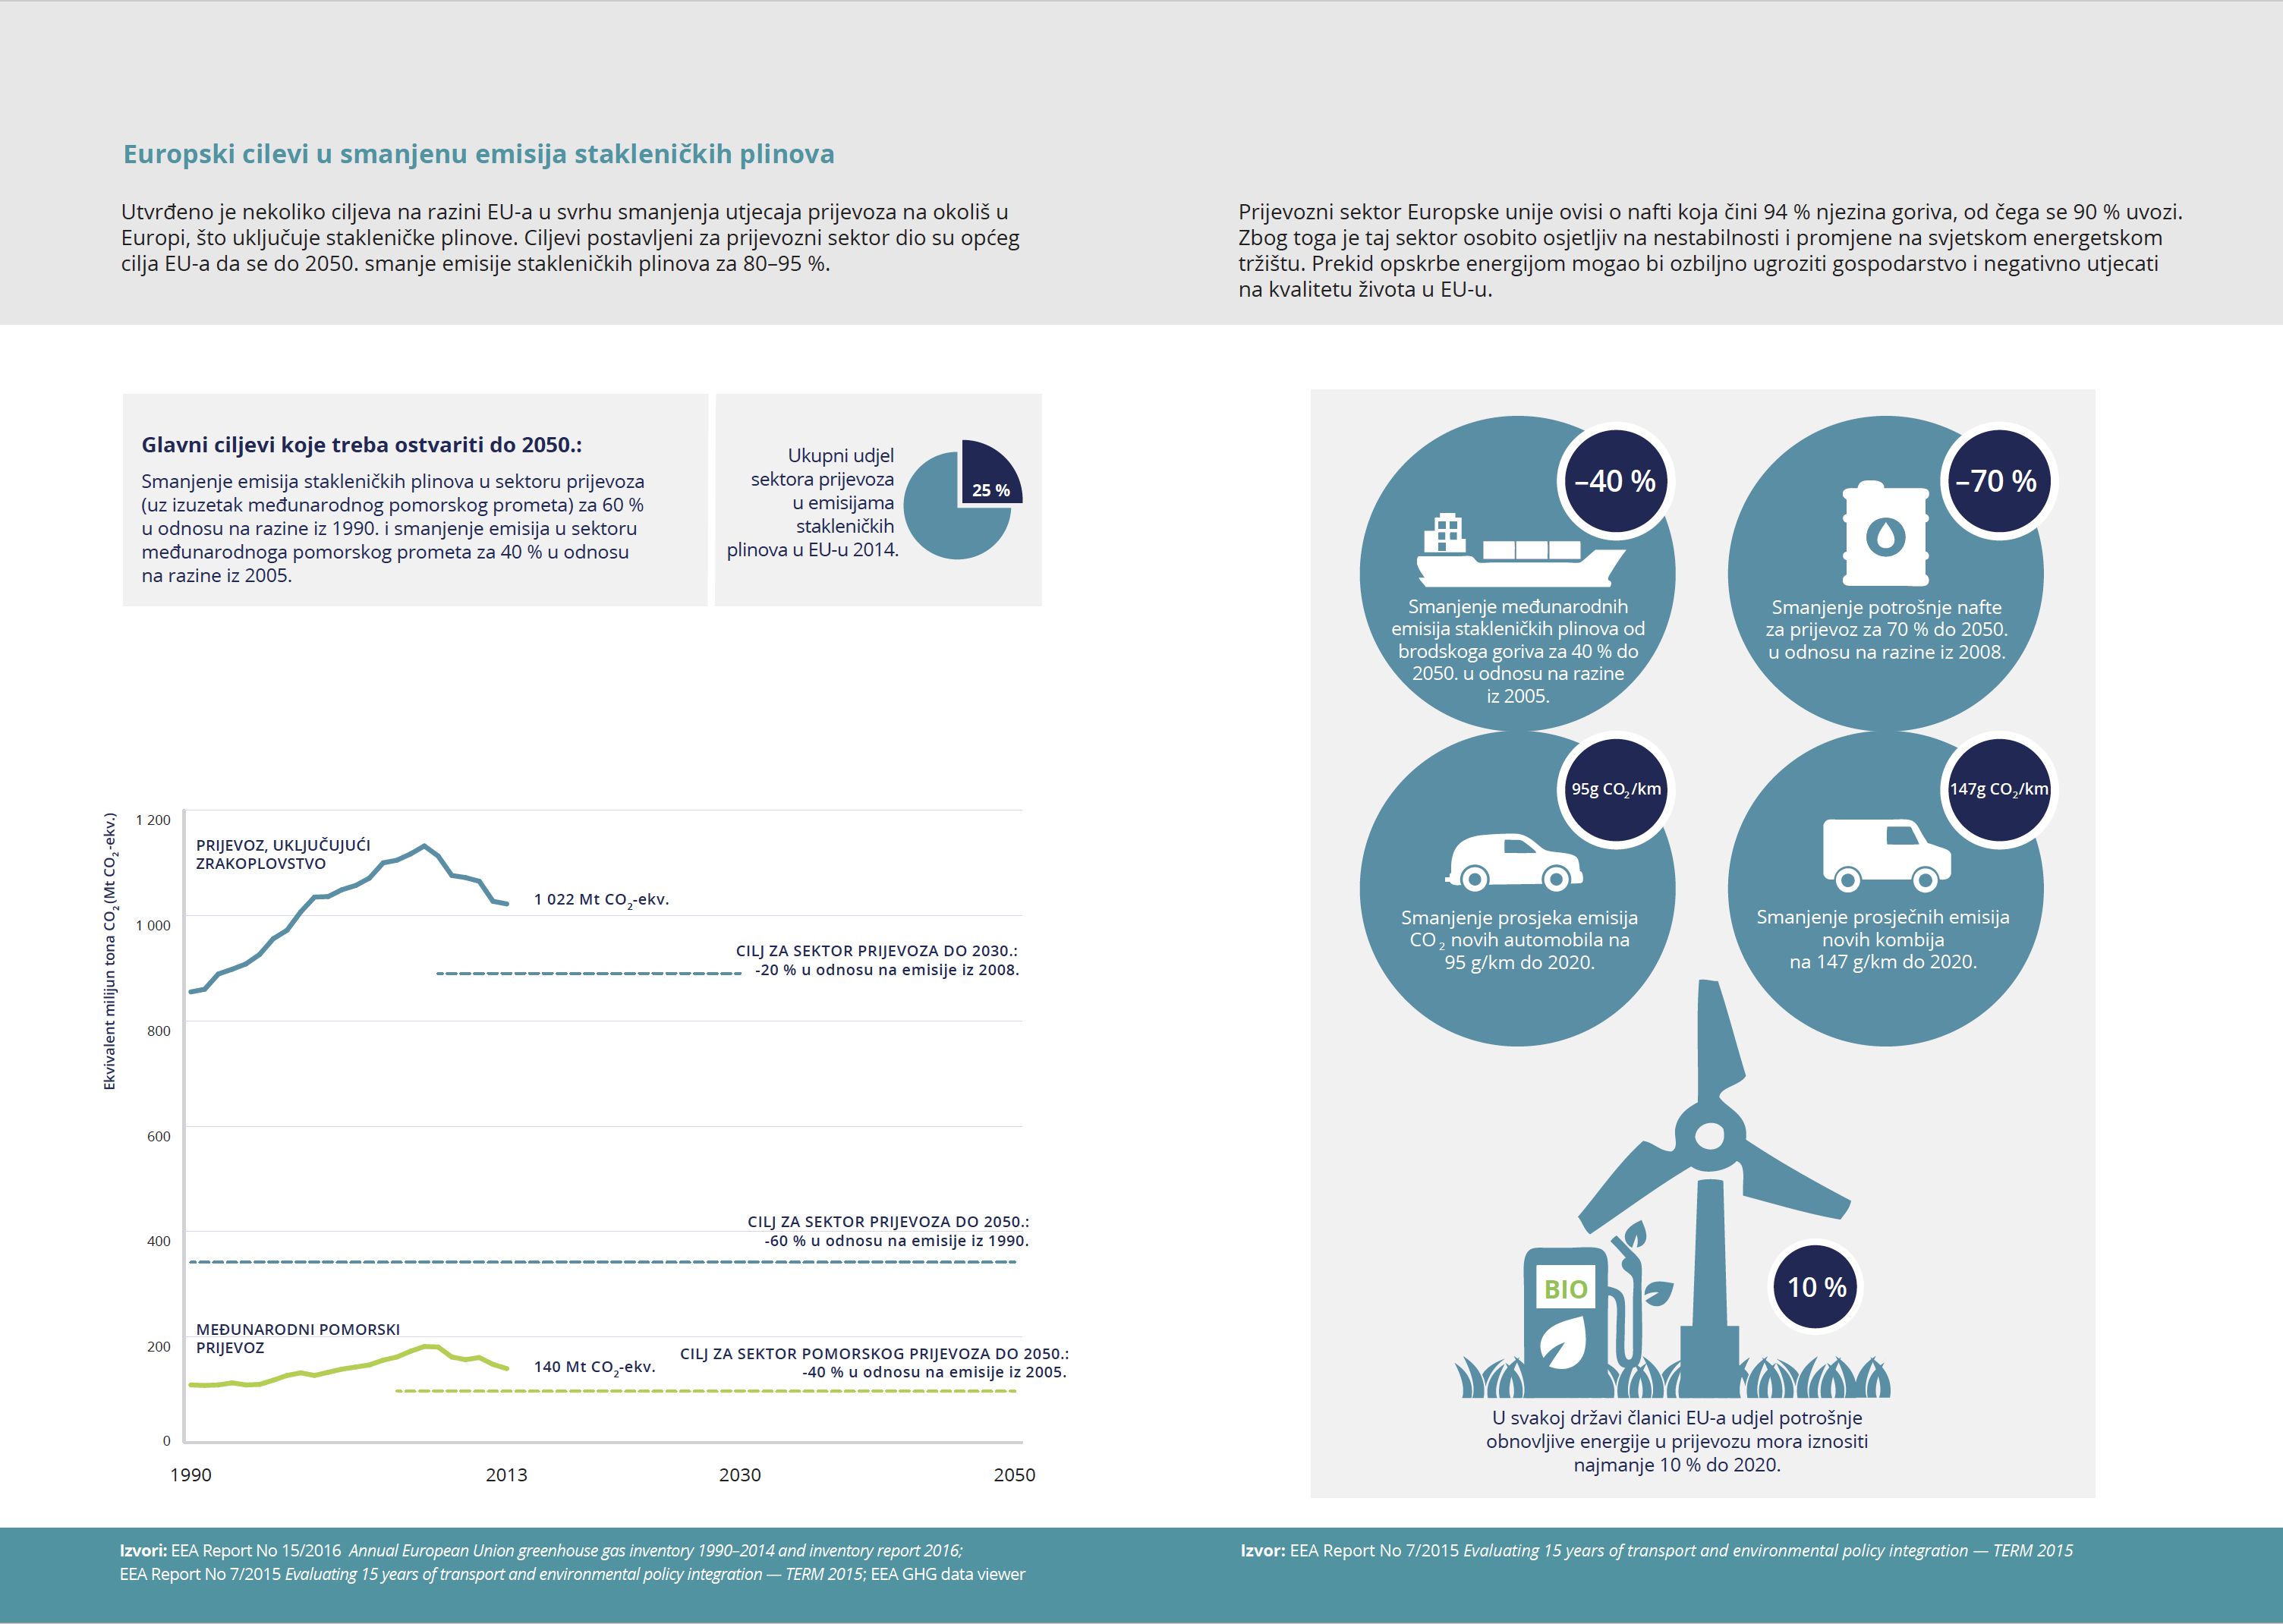 Cilj EU-a je smanjivanje emisije stakleničkih plinova